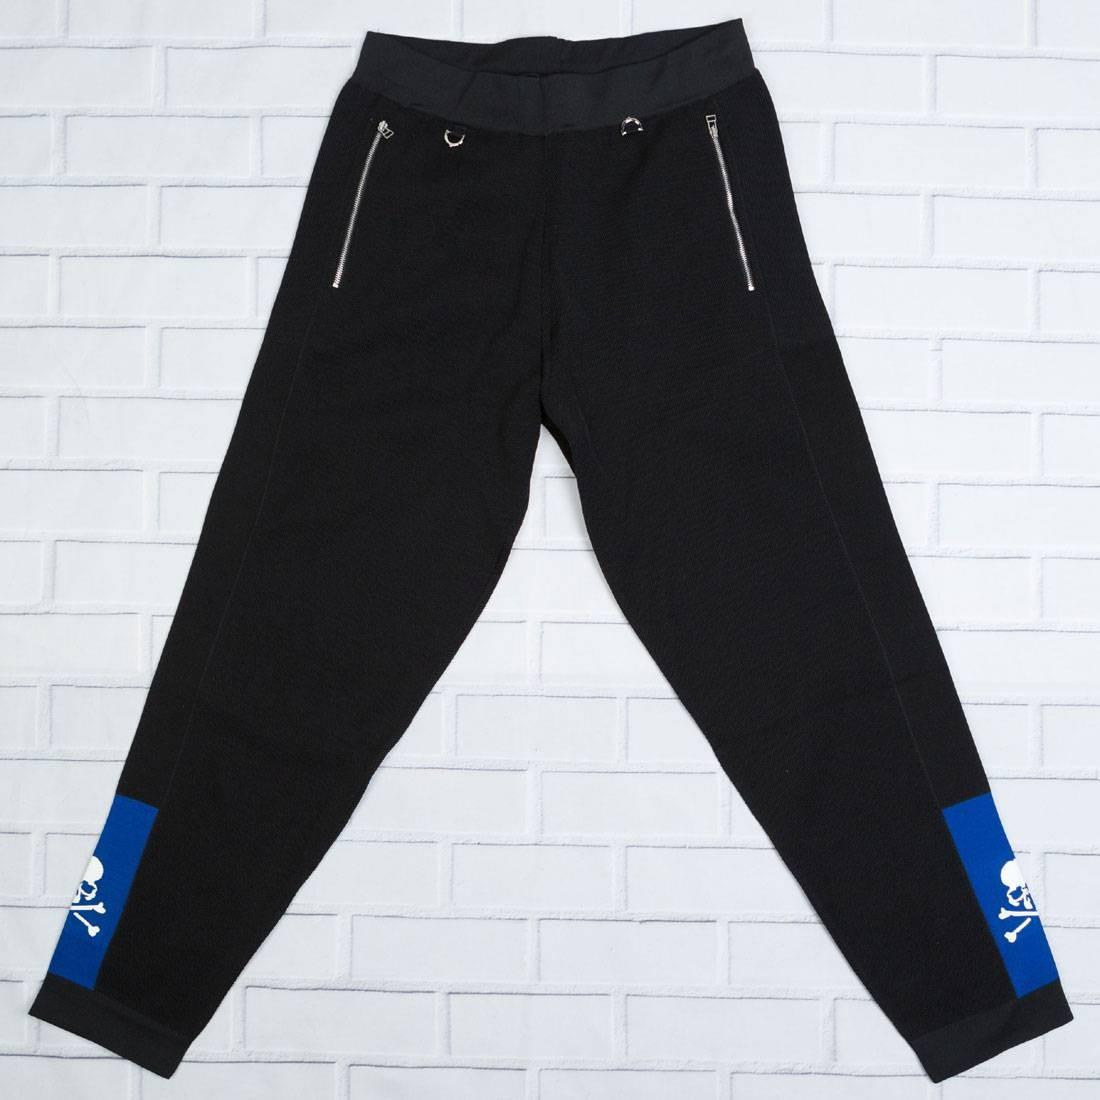 トラック 【 ADIDAS X MASTERMIND WORLD MEN TRACK PANTS BLACK 】 メンズファッション ズボン パンツ 送料無料